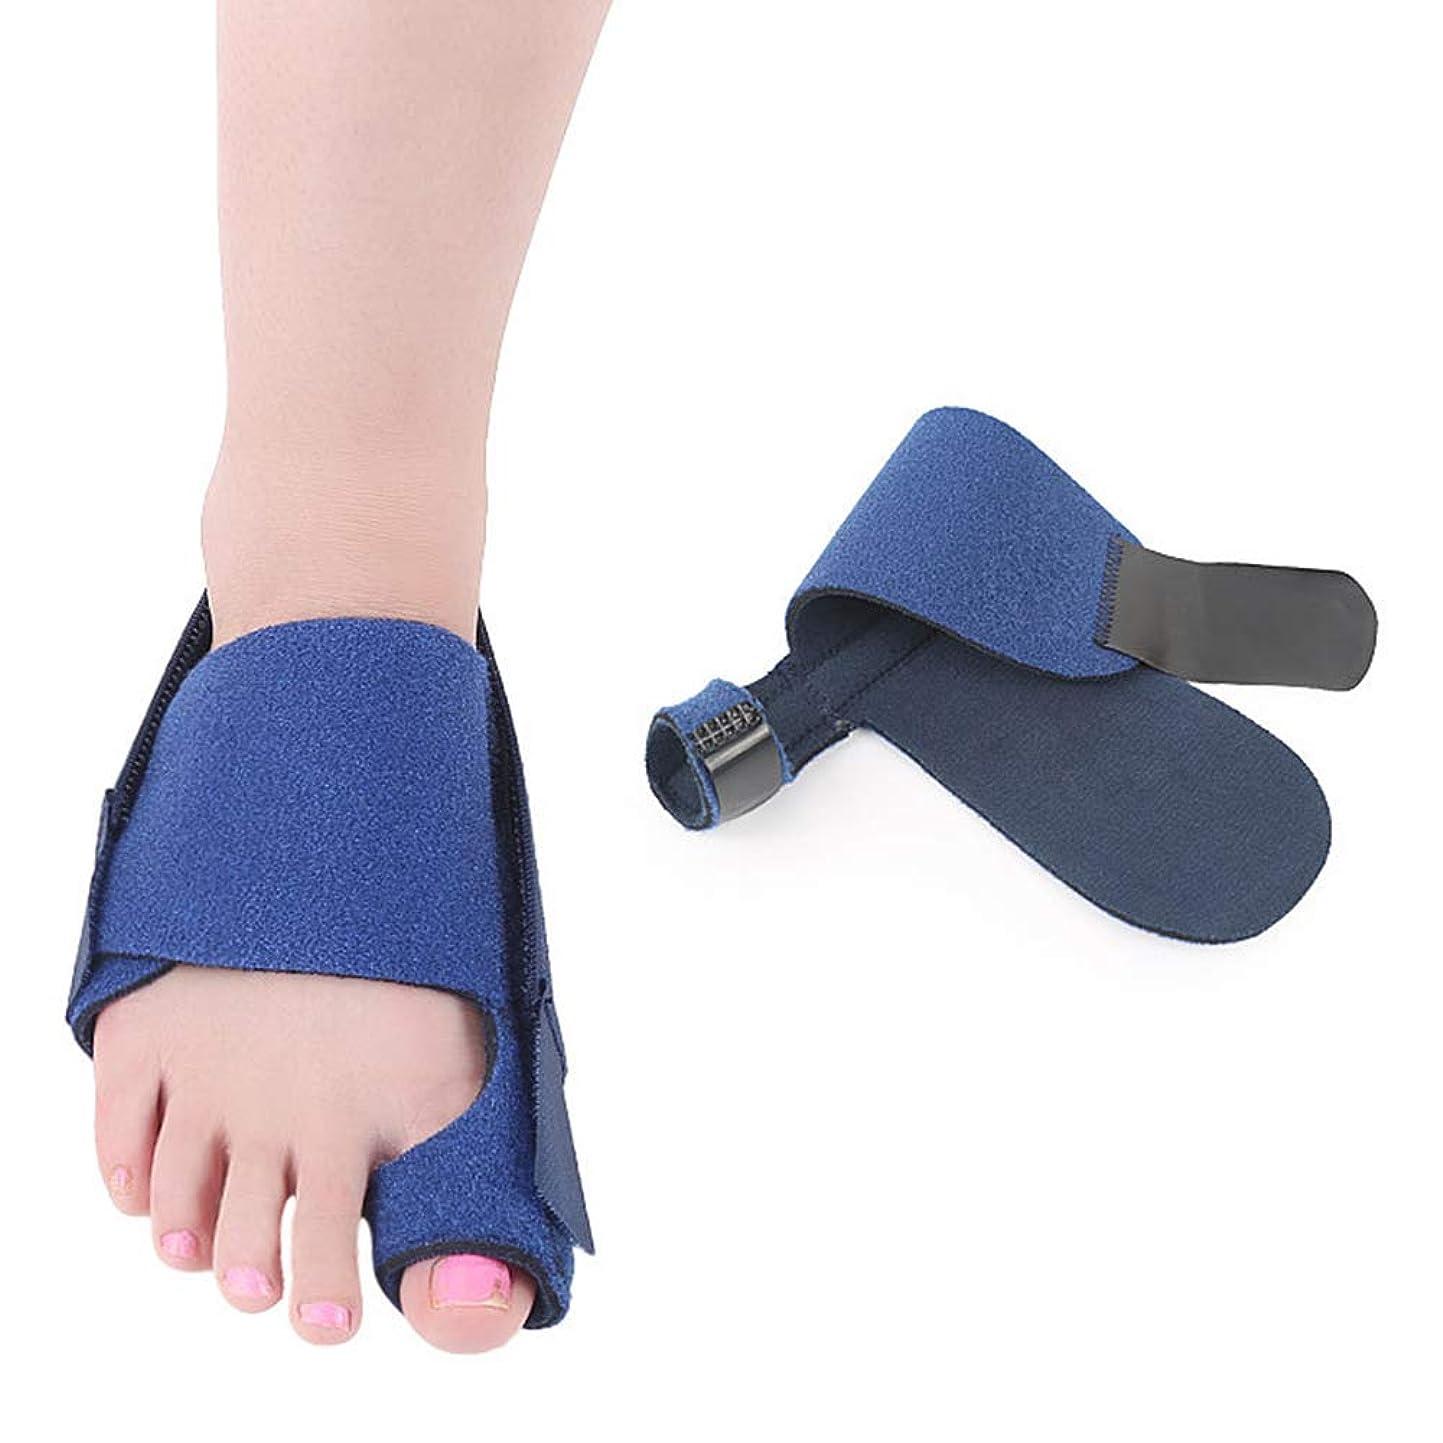 弓椅子過半数外反母趾足指セパレーターは足指重複嚢胞通気性吸収汗ワンサイズを防止し、ヨガ後の痛みと変形を軽減,RightFoot